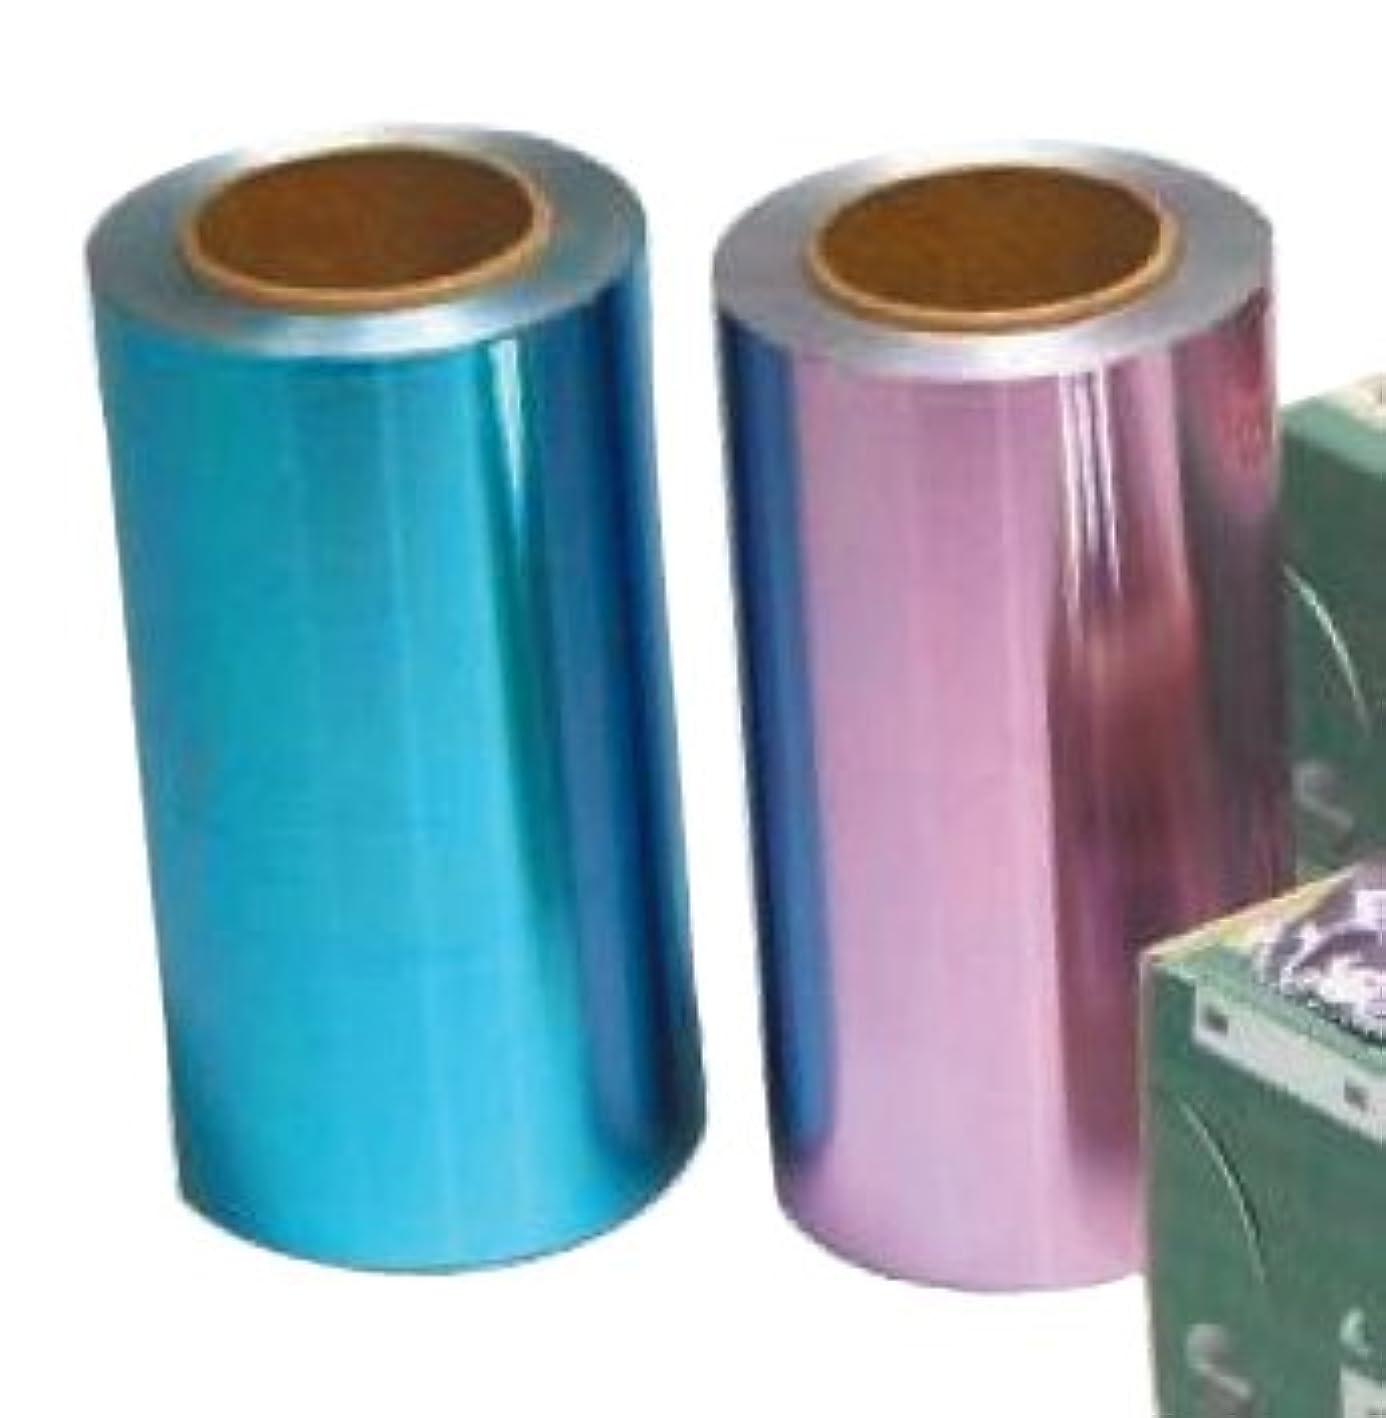 区別ガソリンコートアイビル AIVIL / エコホイル カラー ピンク